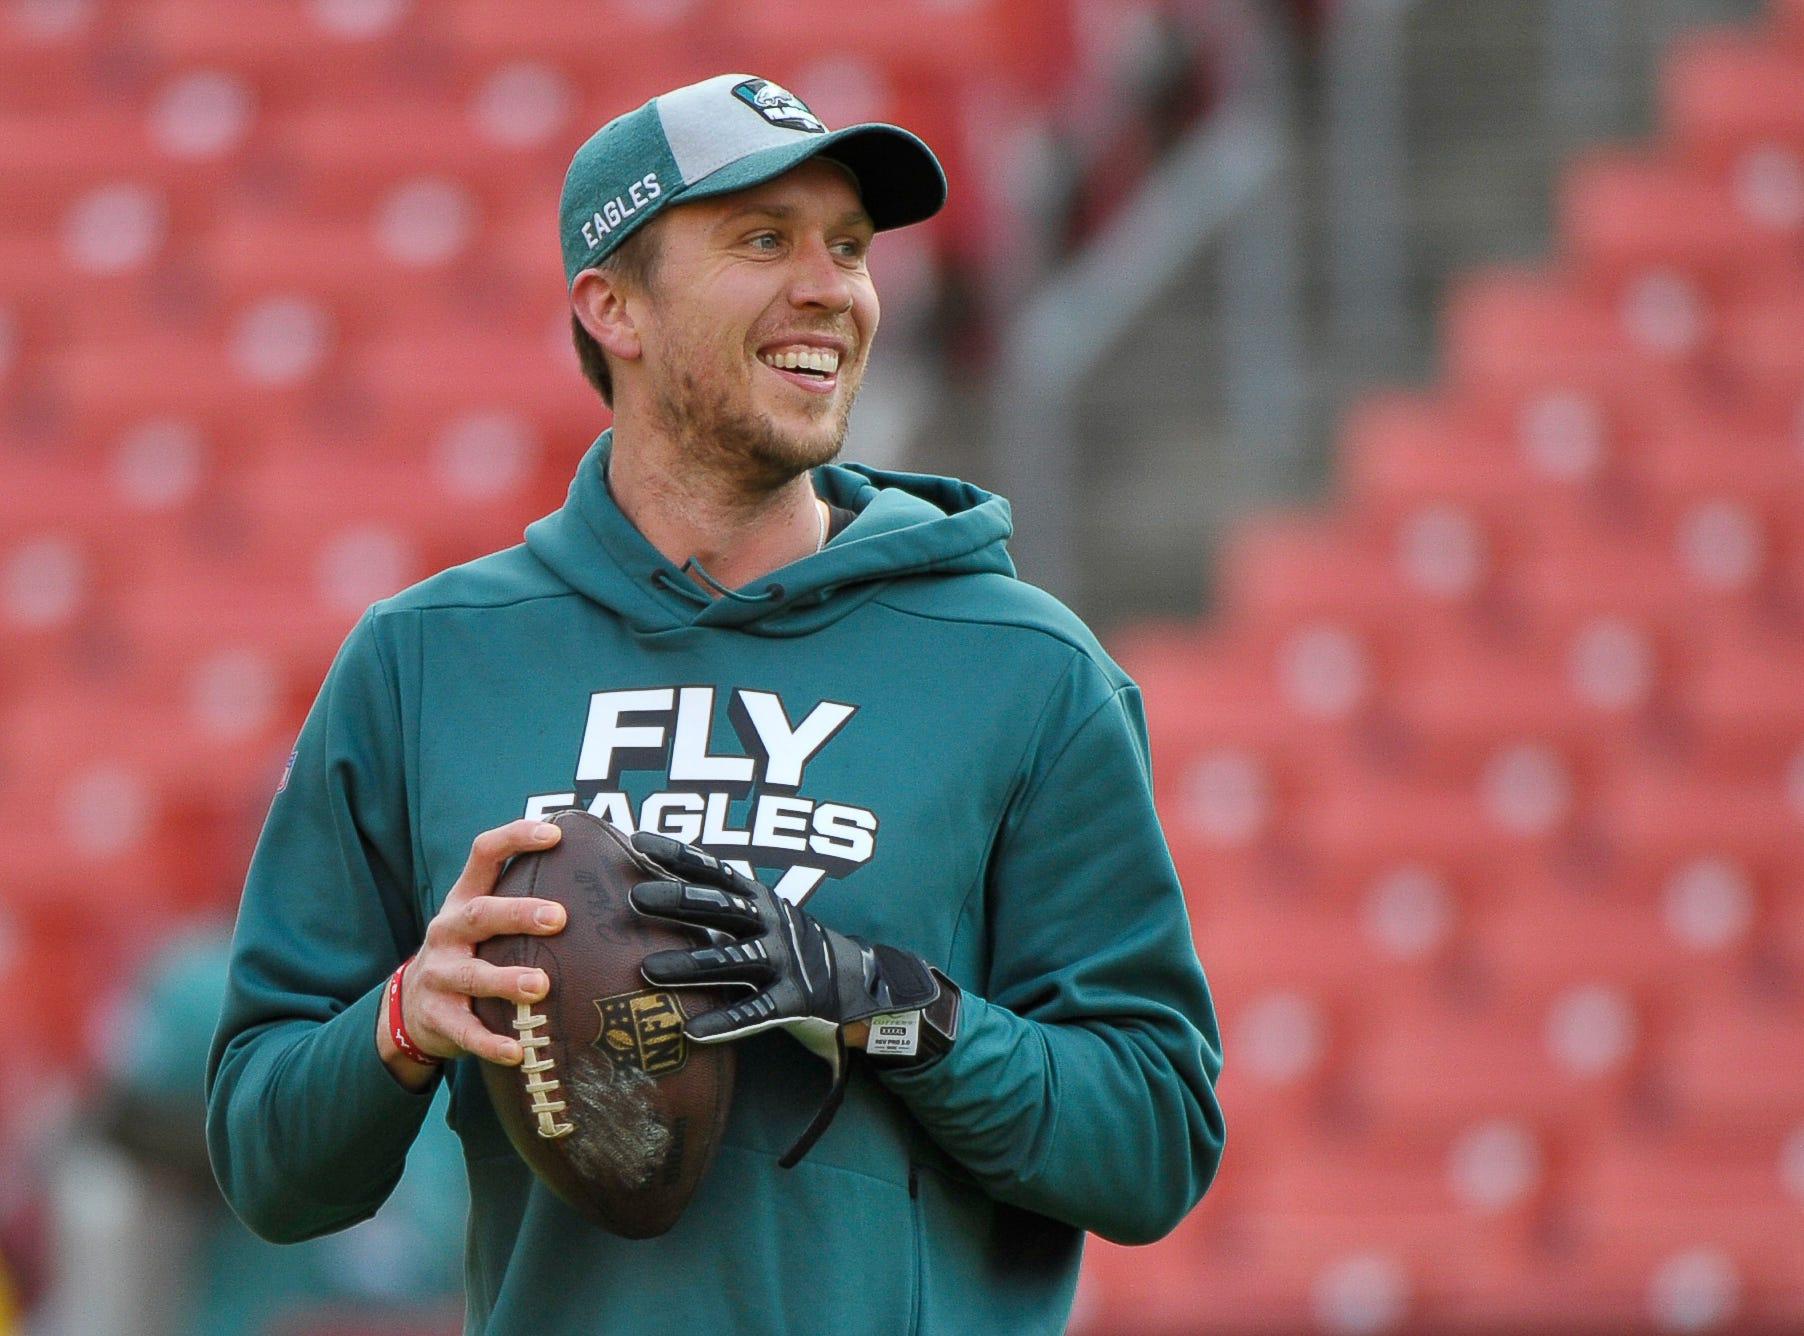 Eagles-Nick Foles matchup set; team signs a quarterback